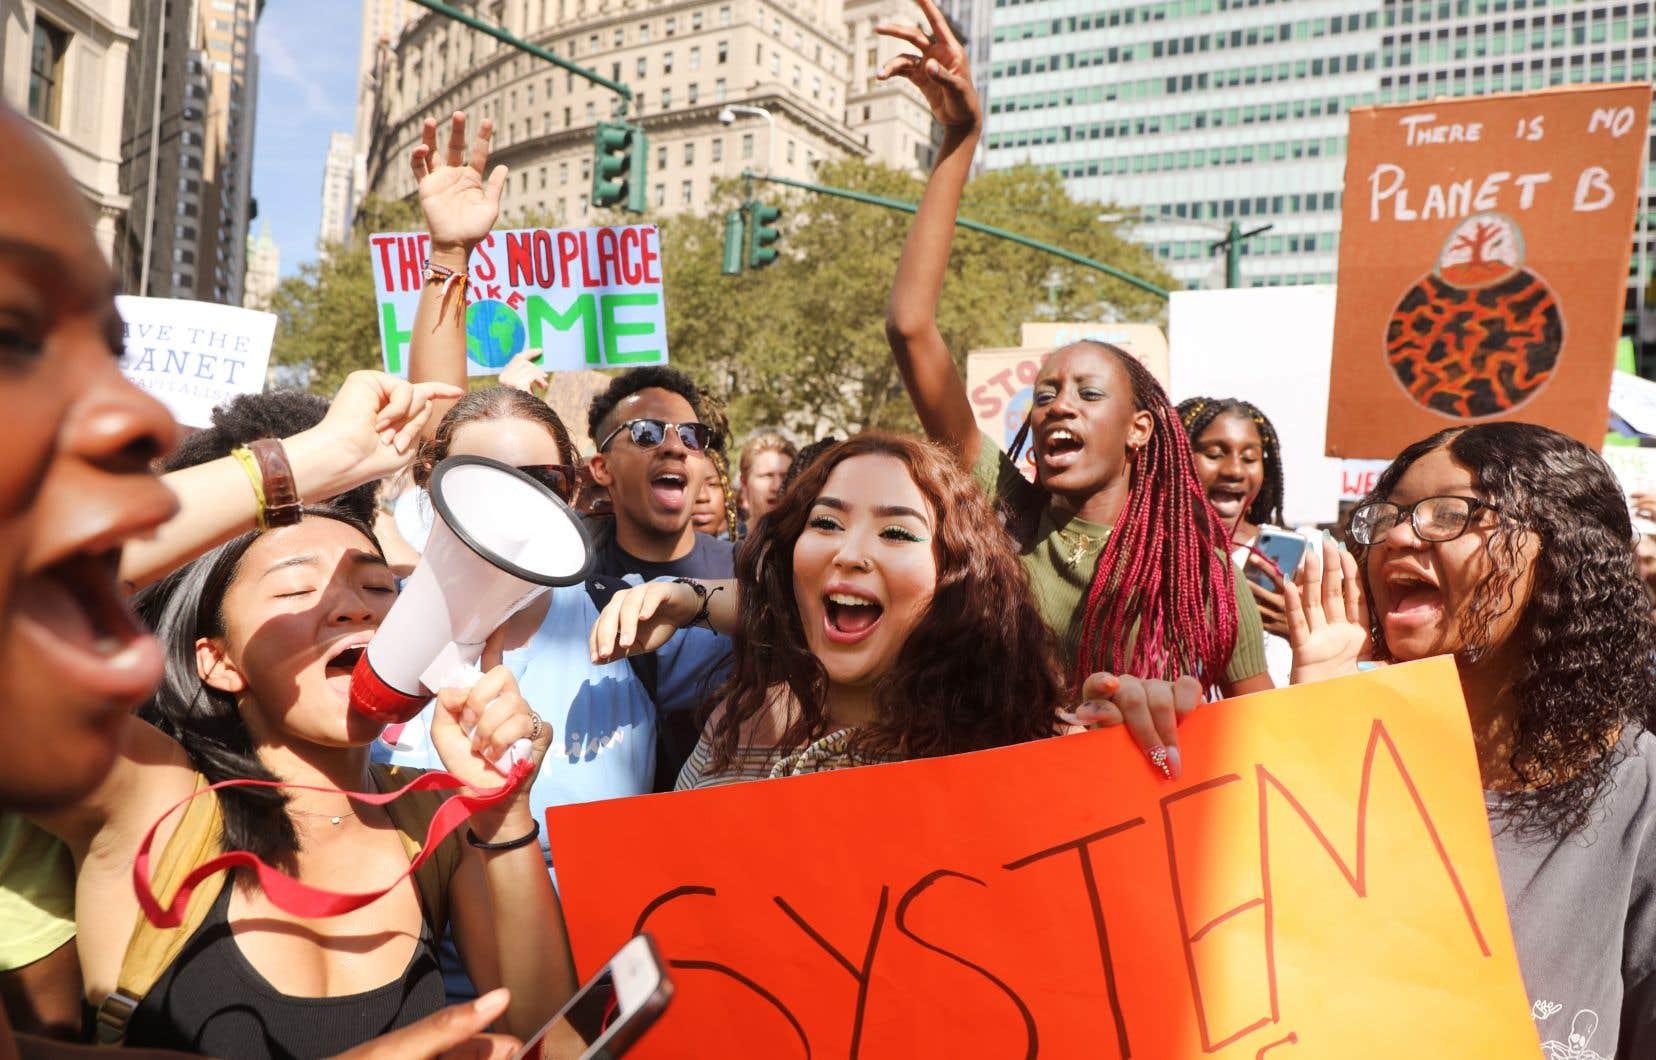 Vendredi, d'un bout à l'autre de la Terre, des masses de jeunes ont manifesté dans 160 pays et plus de 5000 villespour implorer les dirigeants mondiaux de faire leurs devoirs sur le climat.